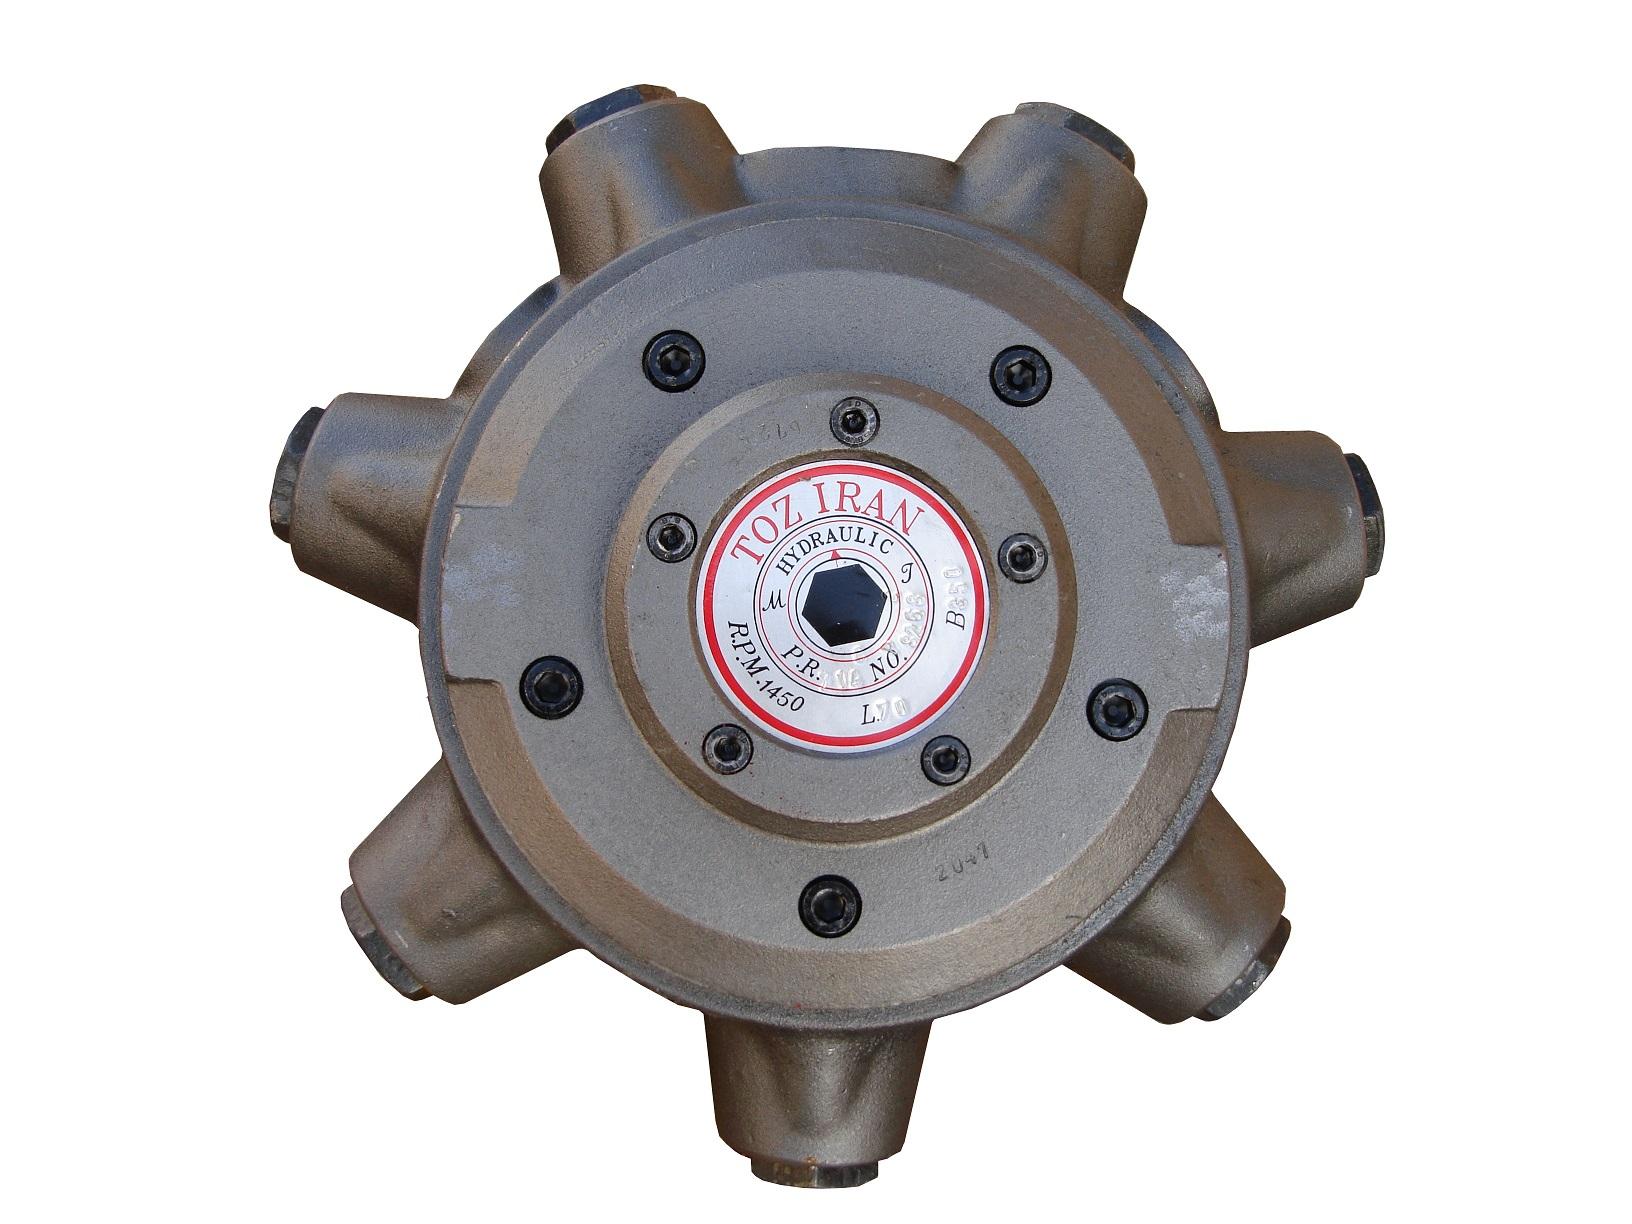 پمپ هیدرولیک فشارقوی - PR